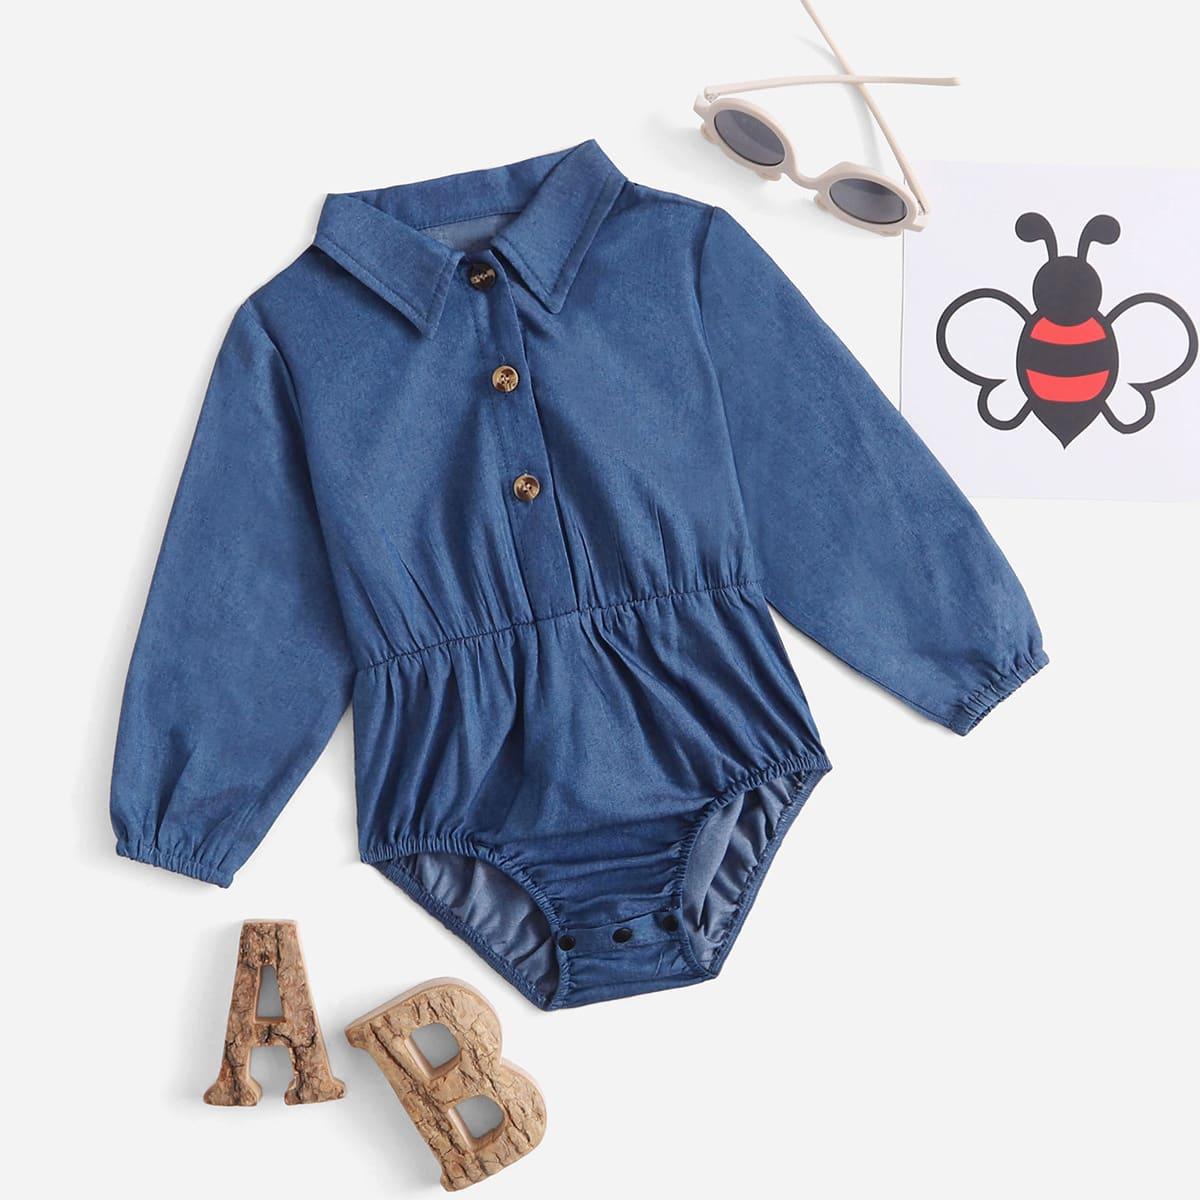 детский на пуговицах Джинсовая рубашка Боди от SHEIN